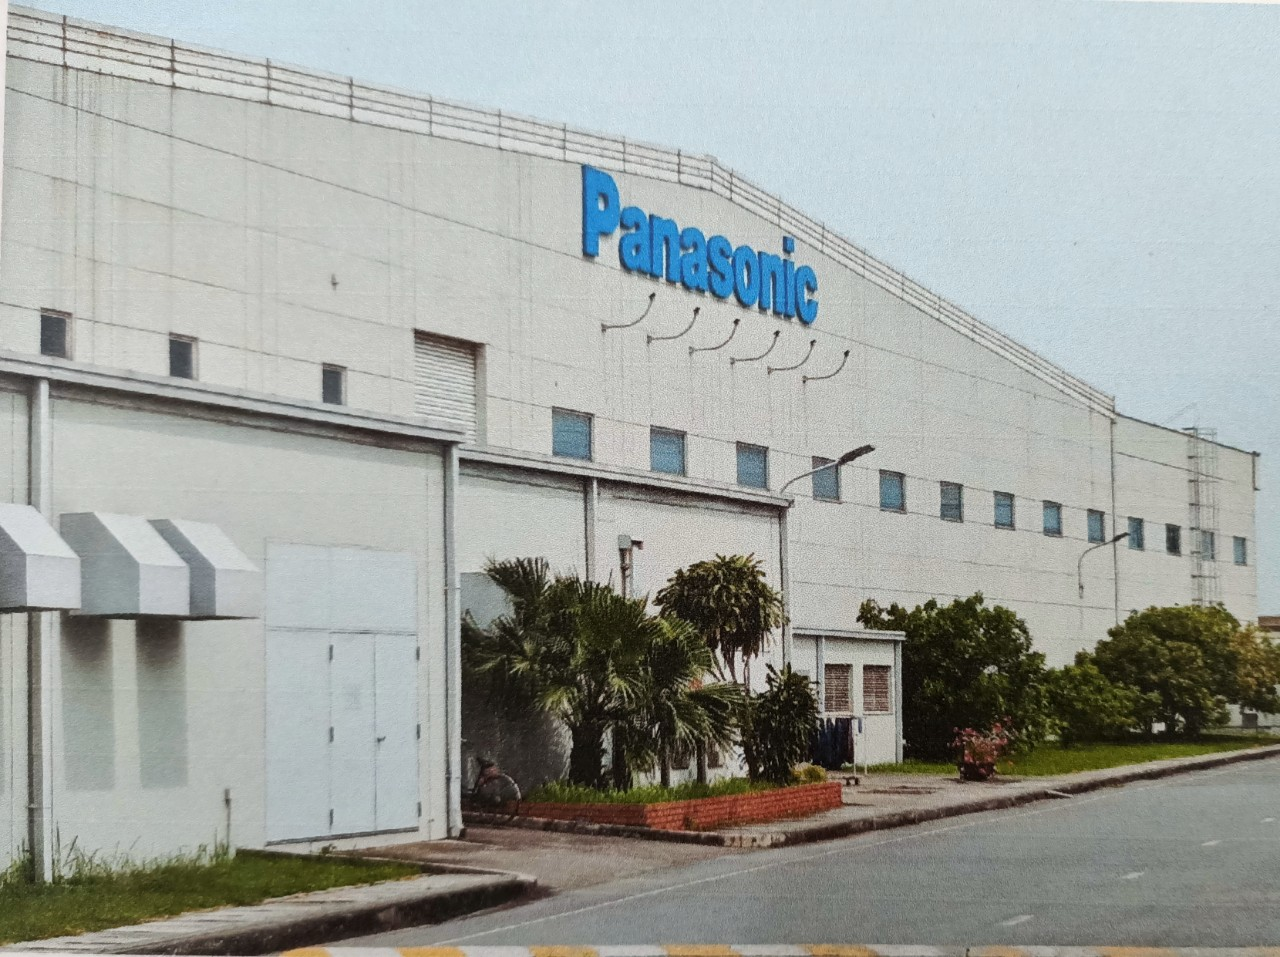 Panasonic Việt Nam khẳng định công ty có trường hợp F1 hoạt động độc lập với các đơn vị khác - Ảnh 1.